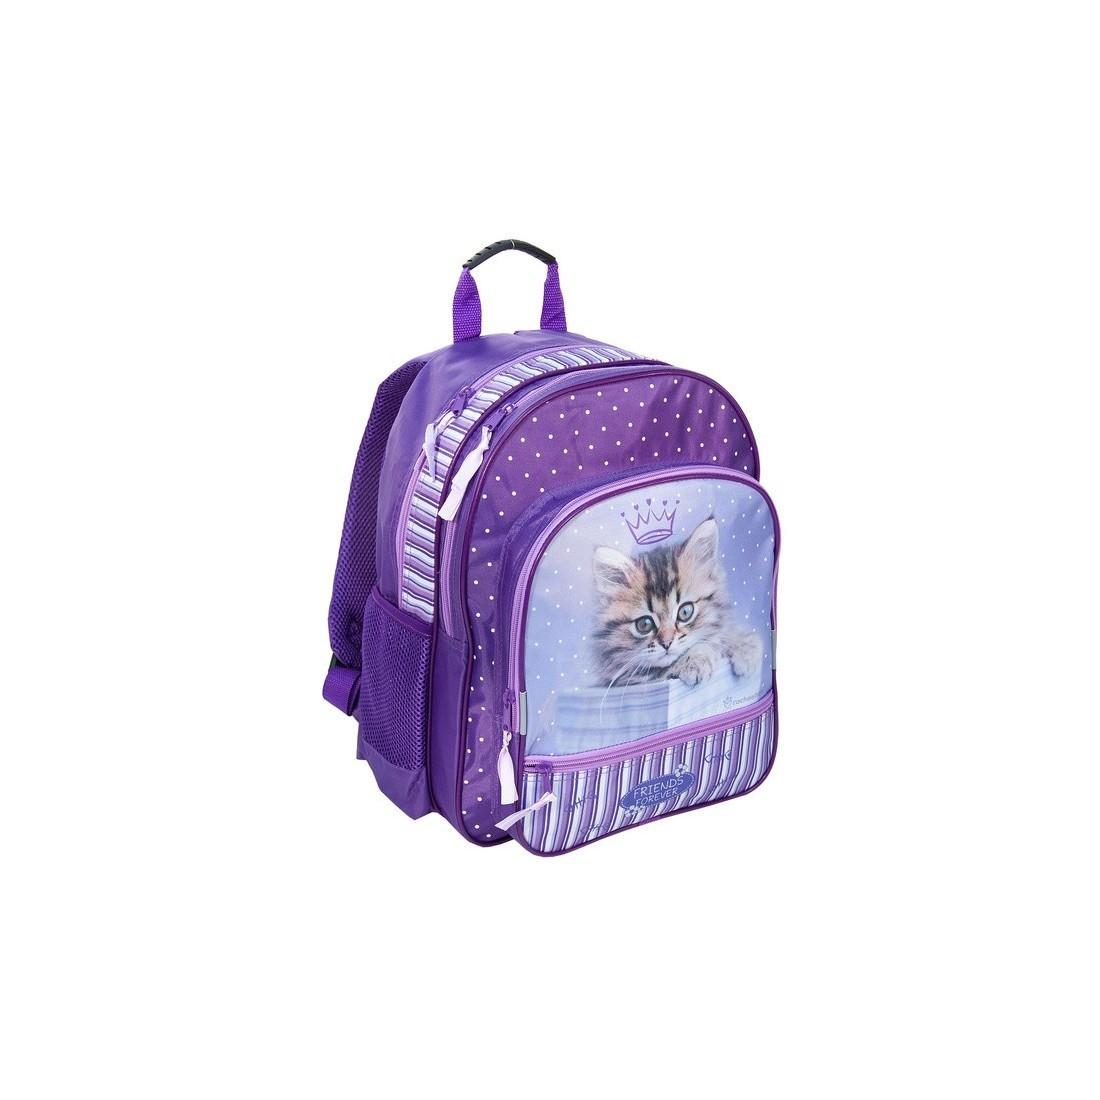 Plecak Szkolny Rachael Hale fioletowy z kotkiem - plecak-tornister.pl